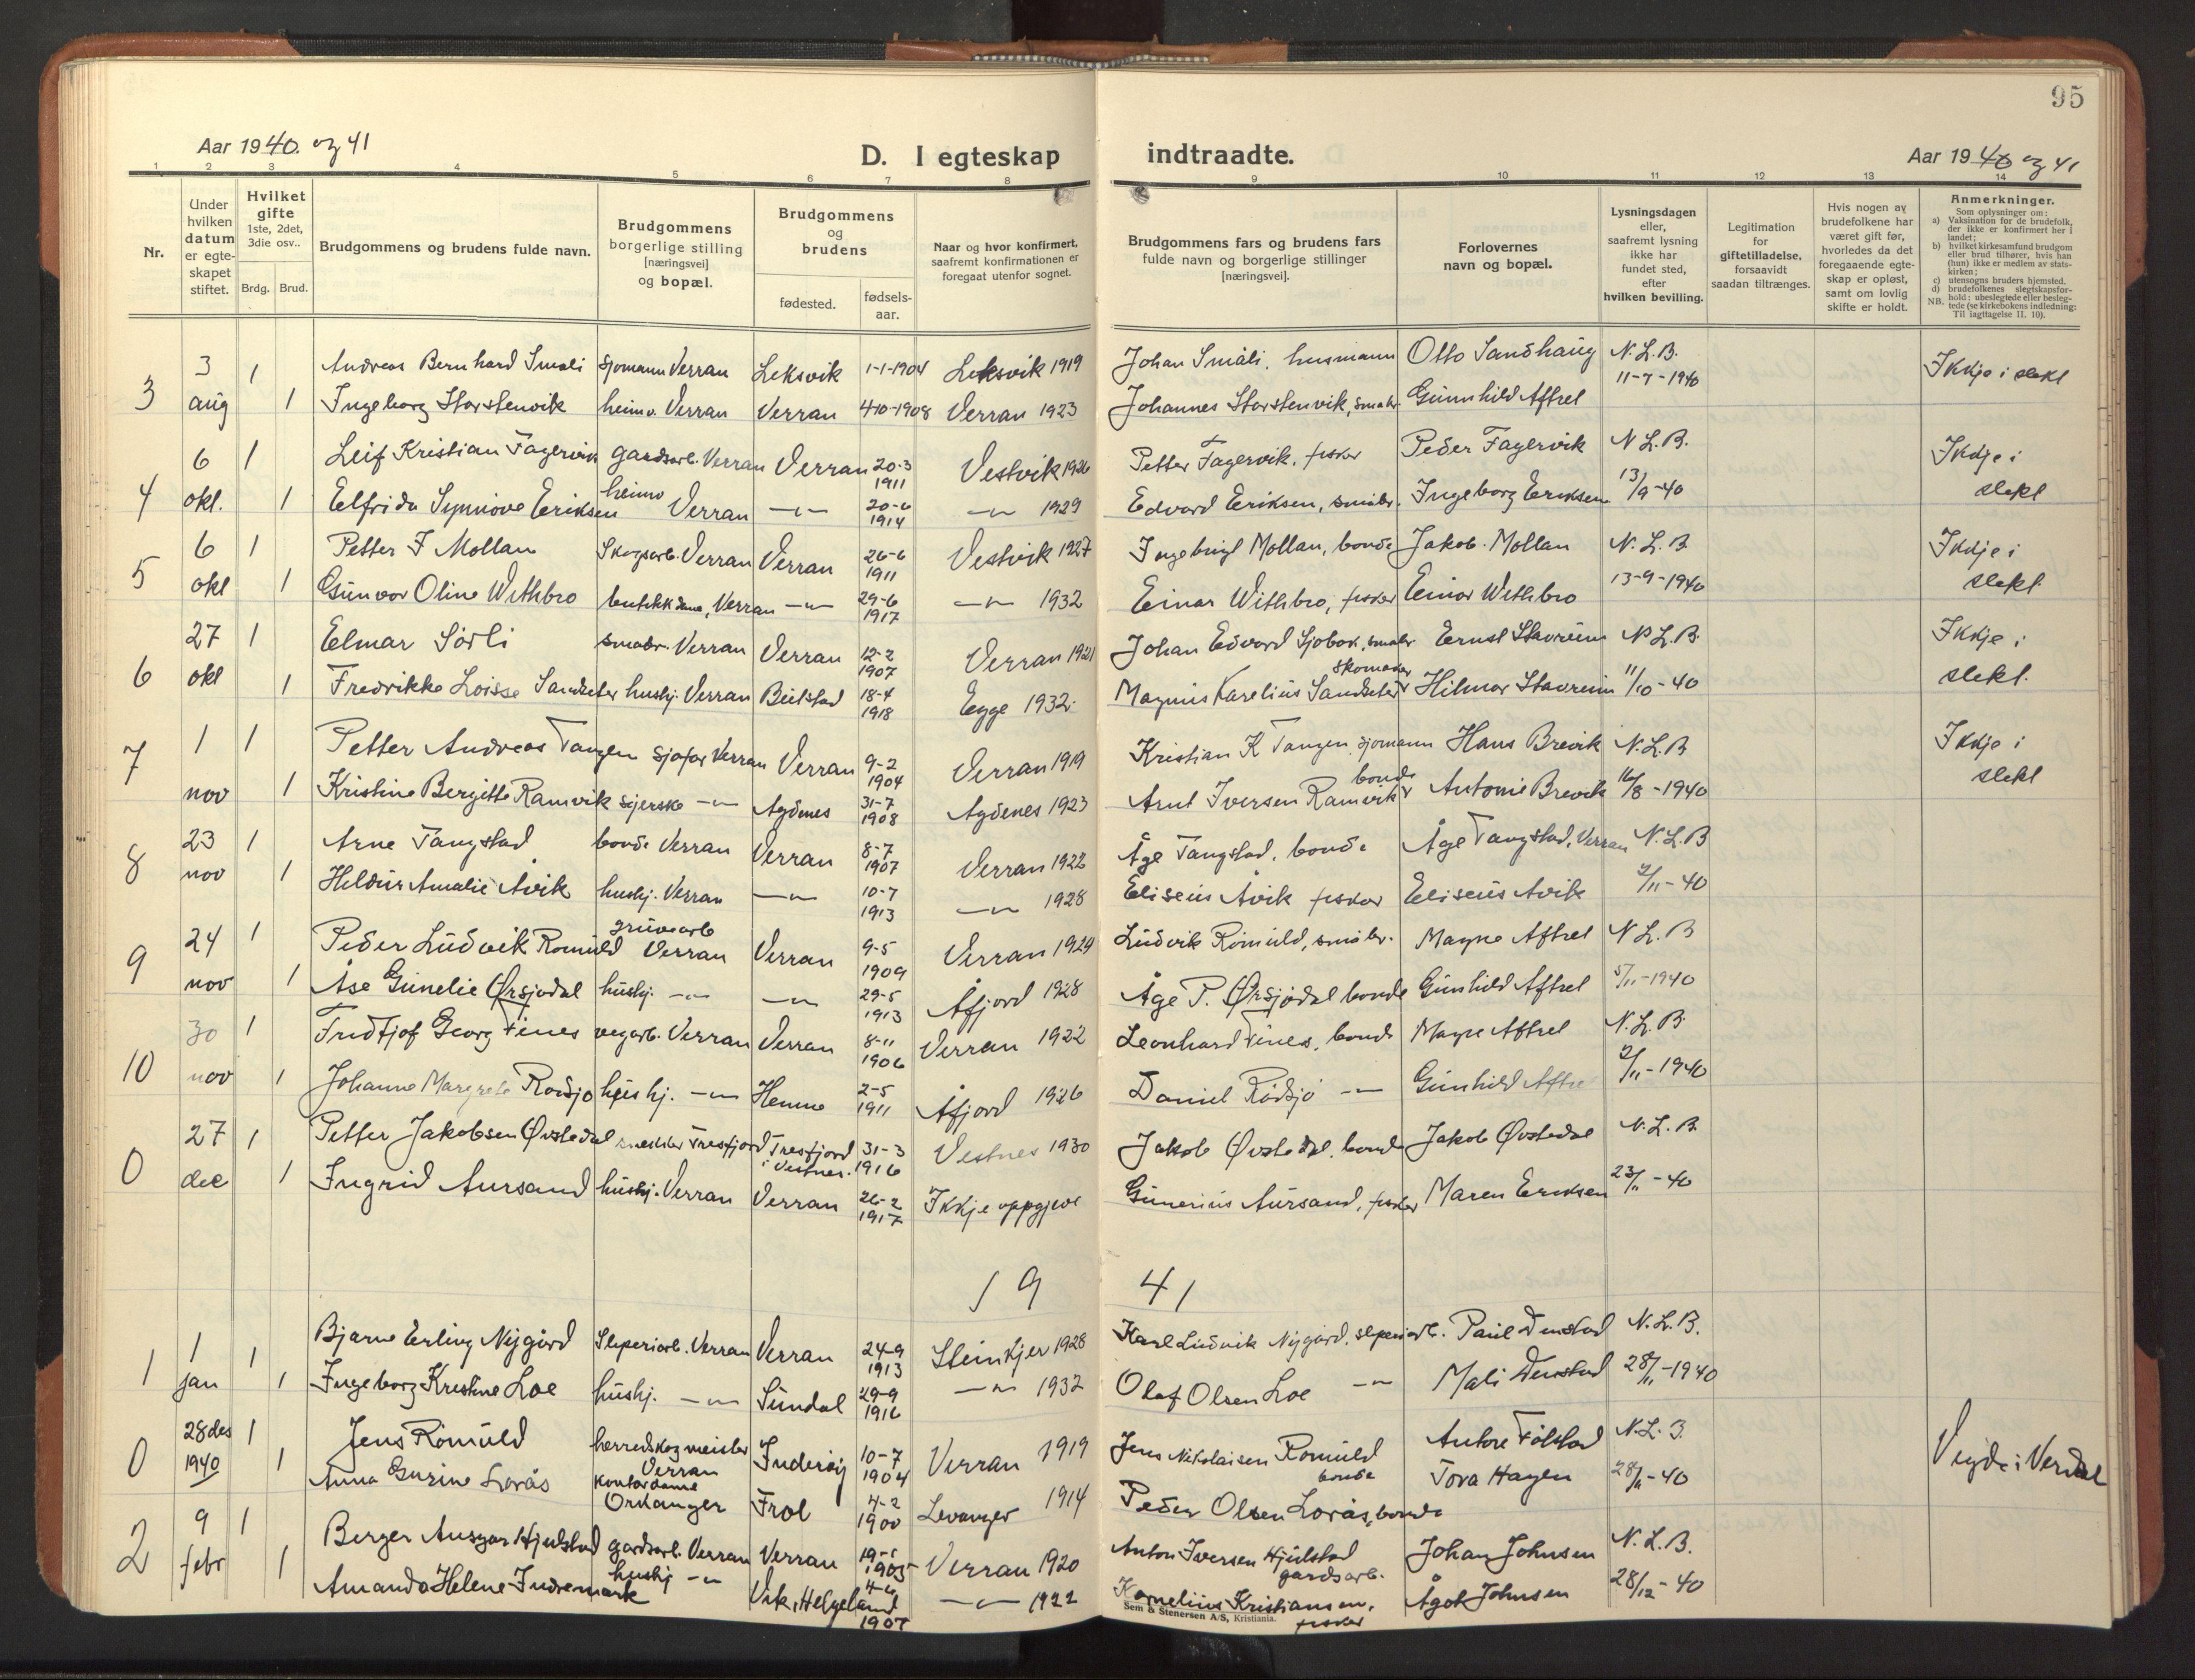 SAT, Ministerialprotokoller, klokkerbøker og fødselsregistre - Nord-Trøndelag, 744/L0425: Klokkerbok nr. 744C04, 1924-1947, s. 95